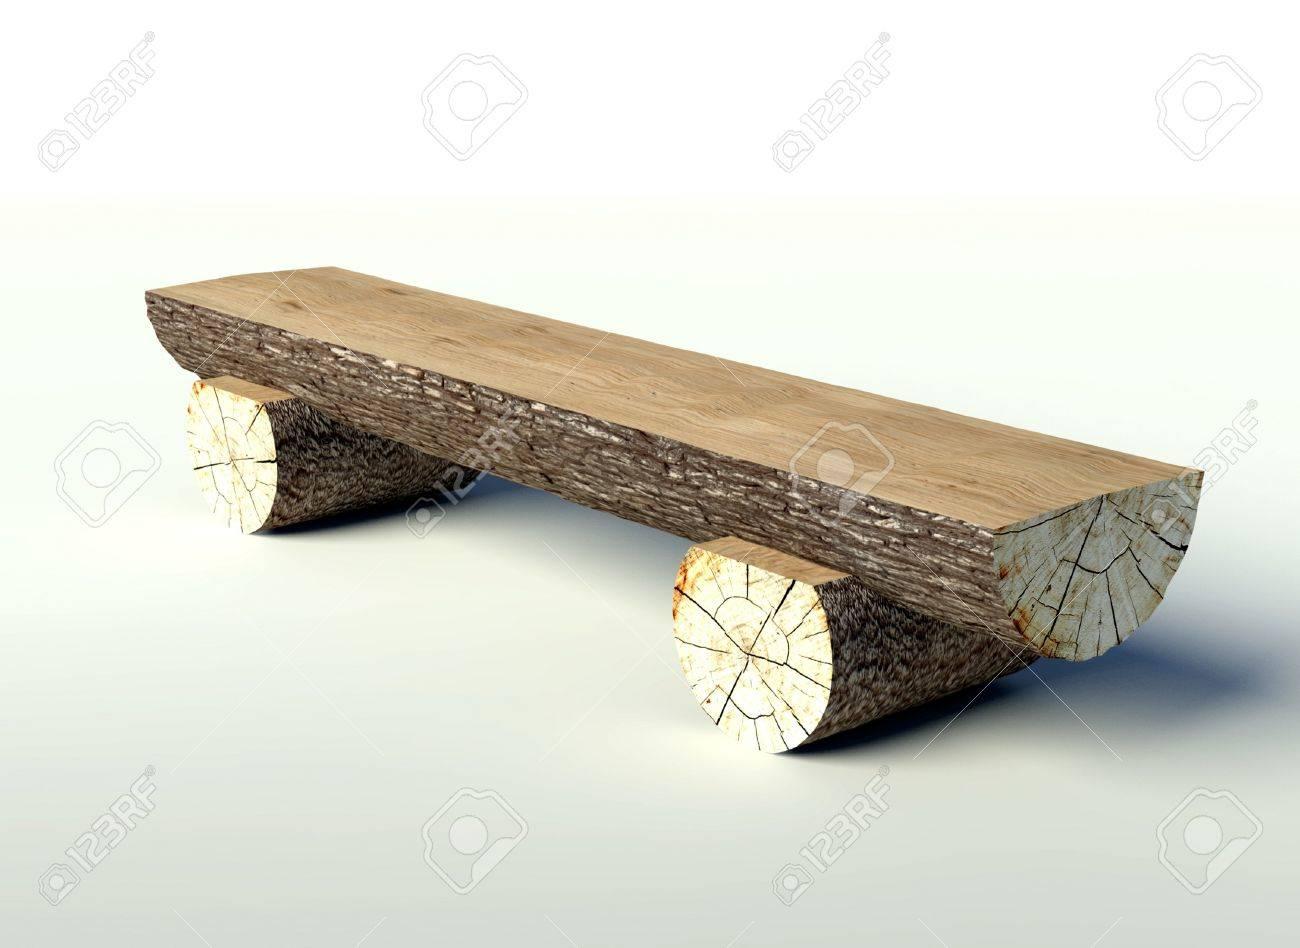 Holzbank Aus Baumstämmen, Objekt Lizenzfreie Fotos, Bilder Und Stock ...